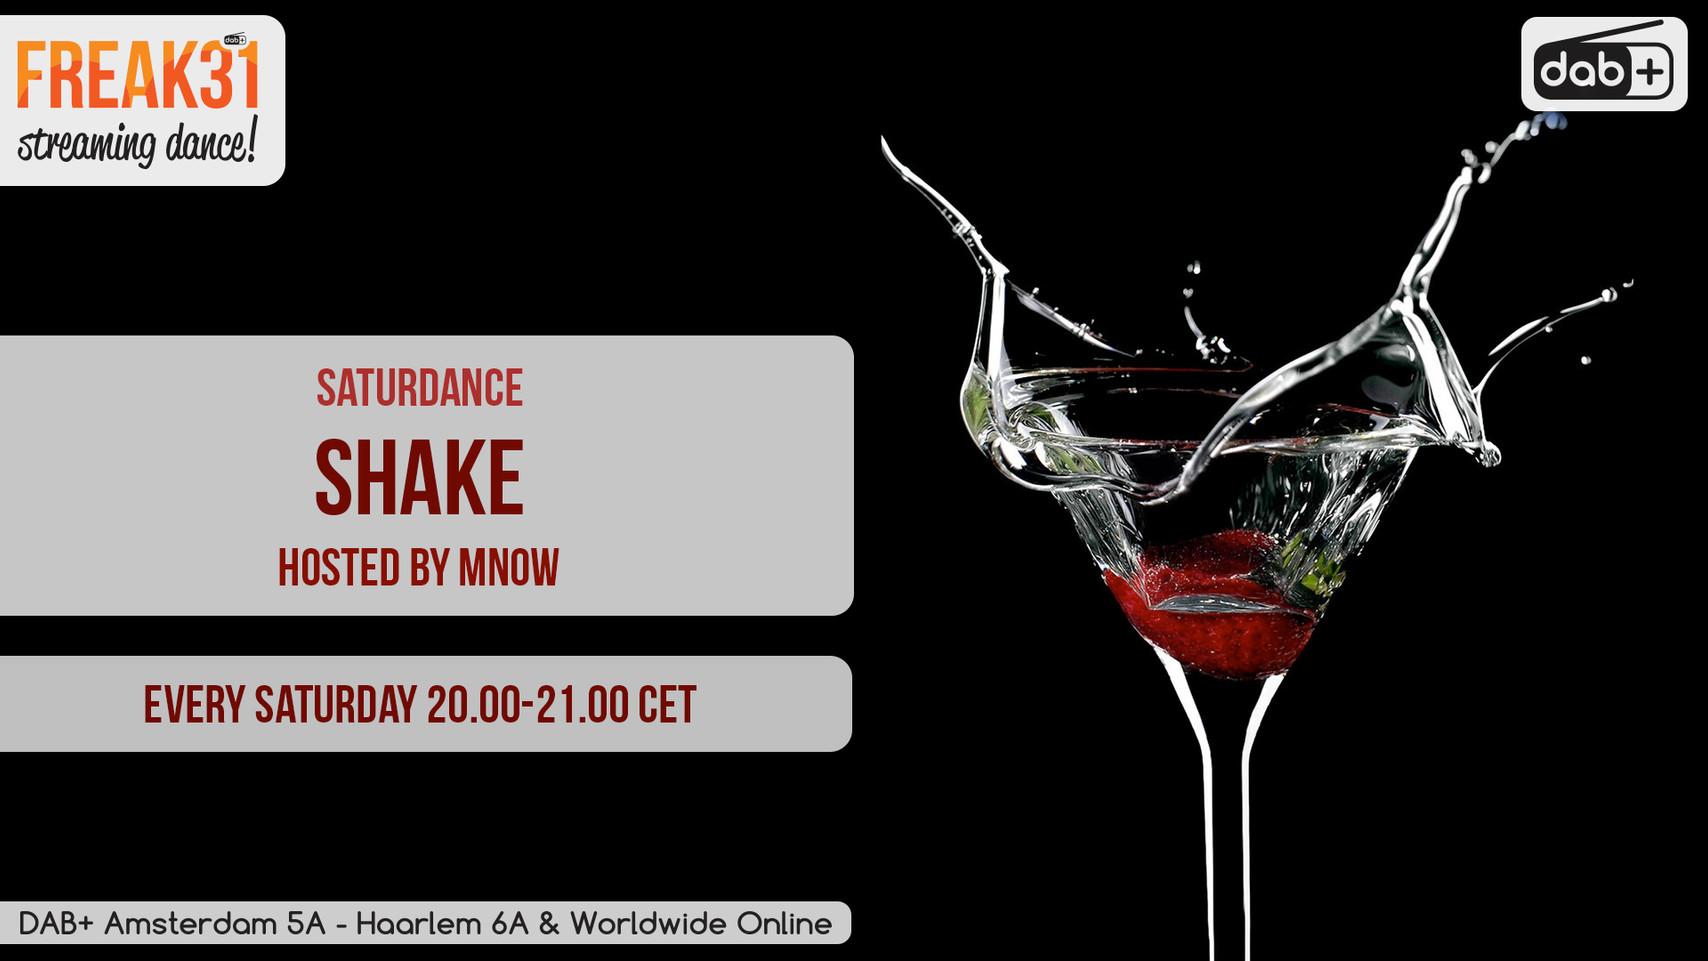 MnoW - Shake